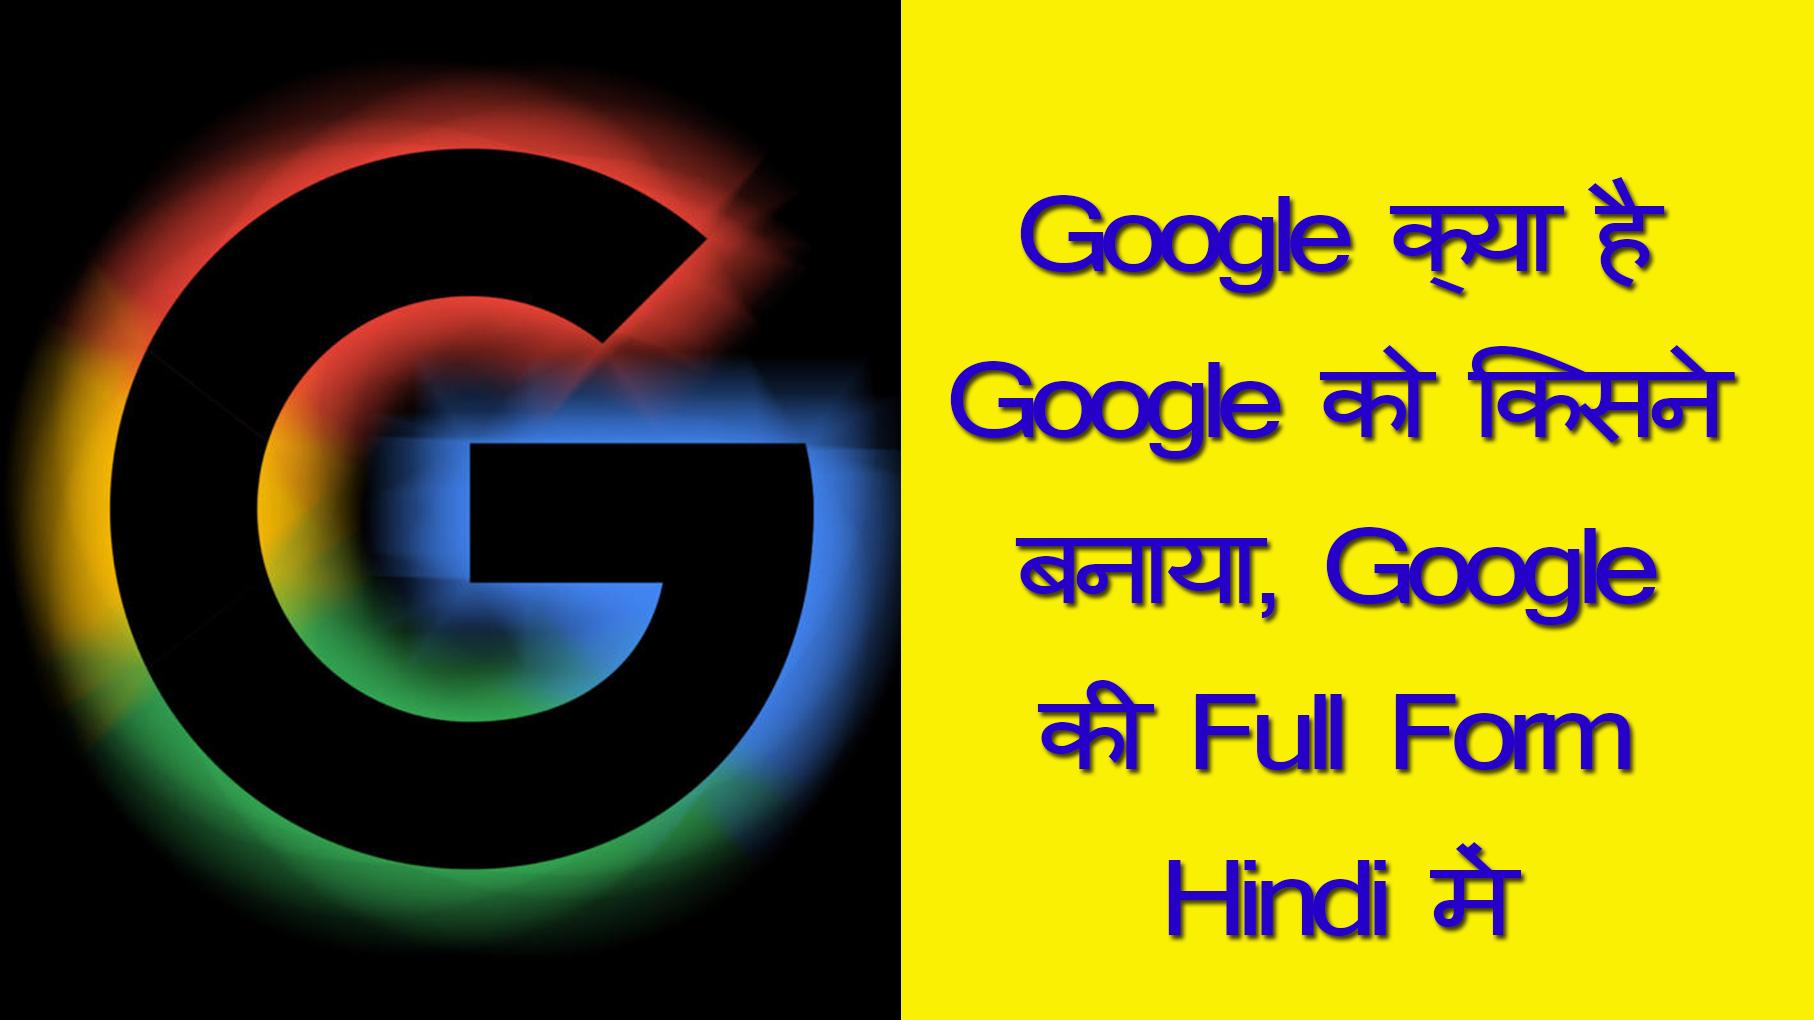 Google क्या है